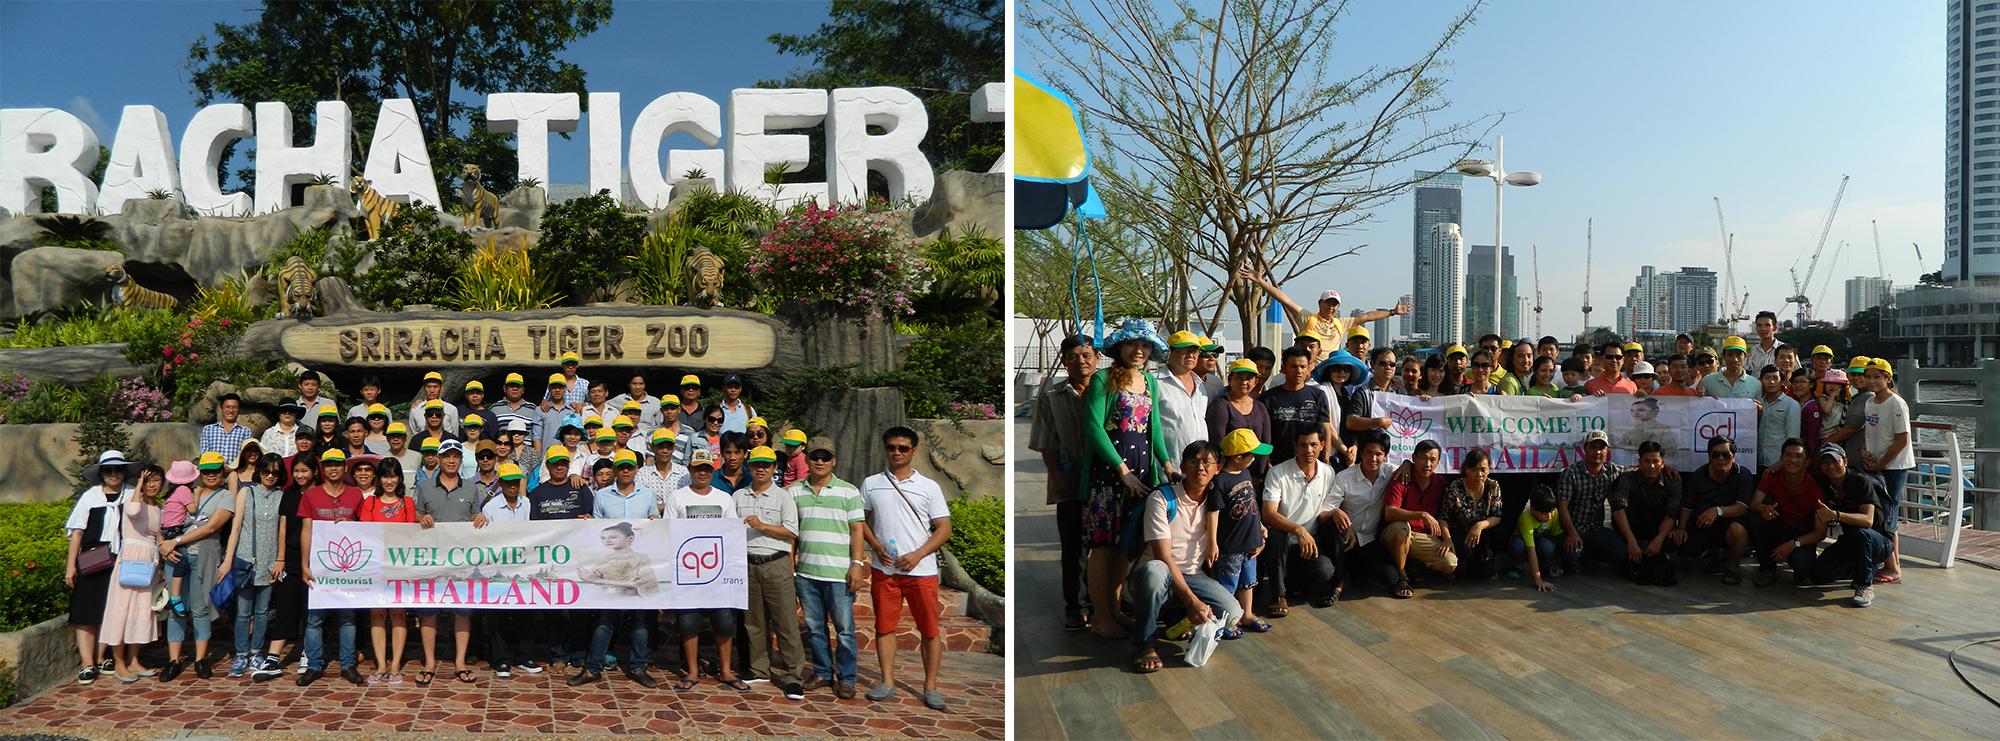 Tour Du Lịch Khách Đoàn Thái Lan công ty TNHH TM Quang Dũng do Vietourist tổ chức